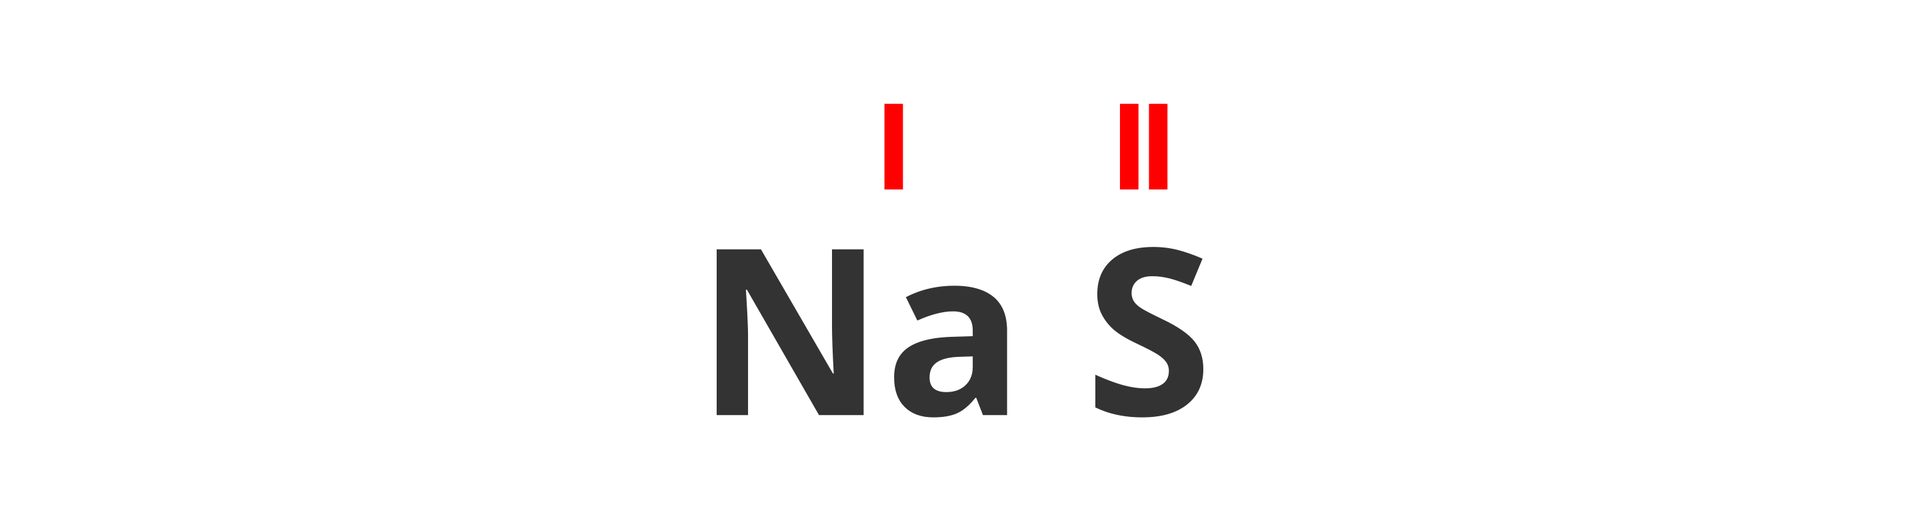 Na ilustracji widoczny jest zaczątek wzoru strukturalnego związku sodu isiarki. Nad symbolami pierwiastków czerwonym kolorem irzymskimi cyframi wyróżniono wartościowość obydwu pierwiastków. Dla sodu jest to jeden, adla siarki dwa.